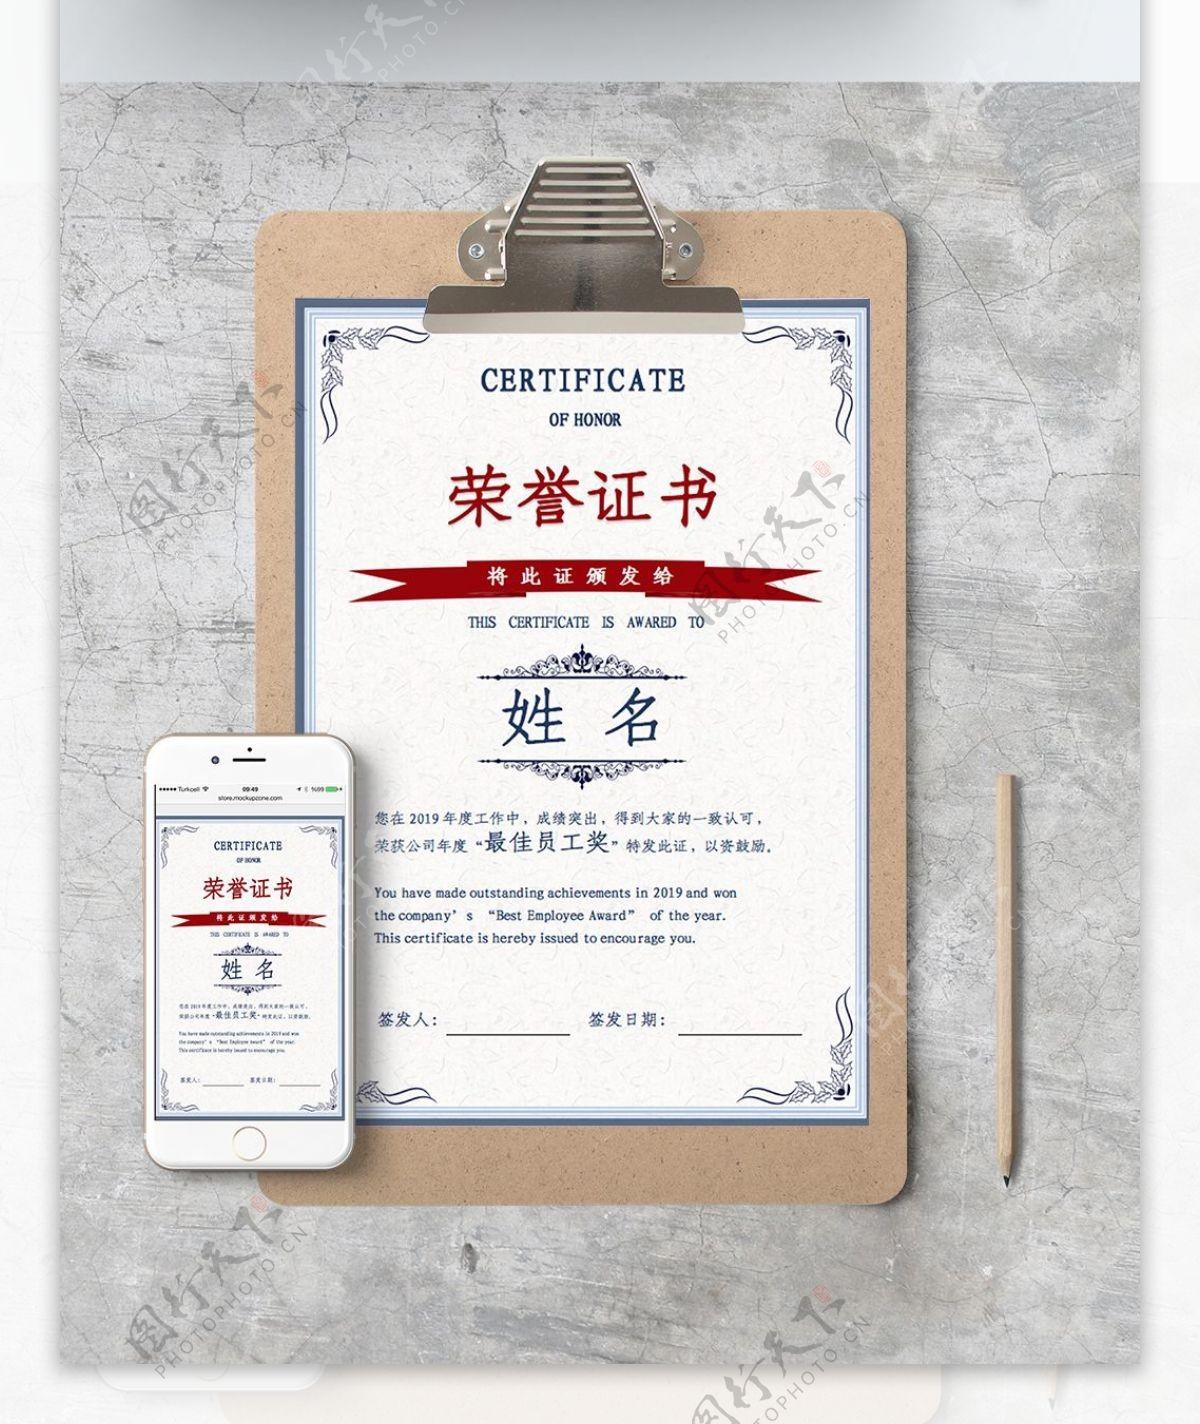 荣誉证书奖状公司企业证书word模板